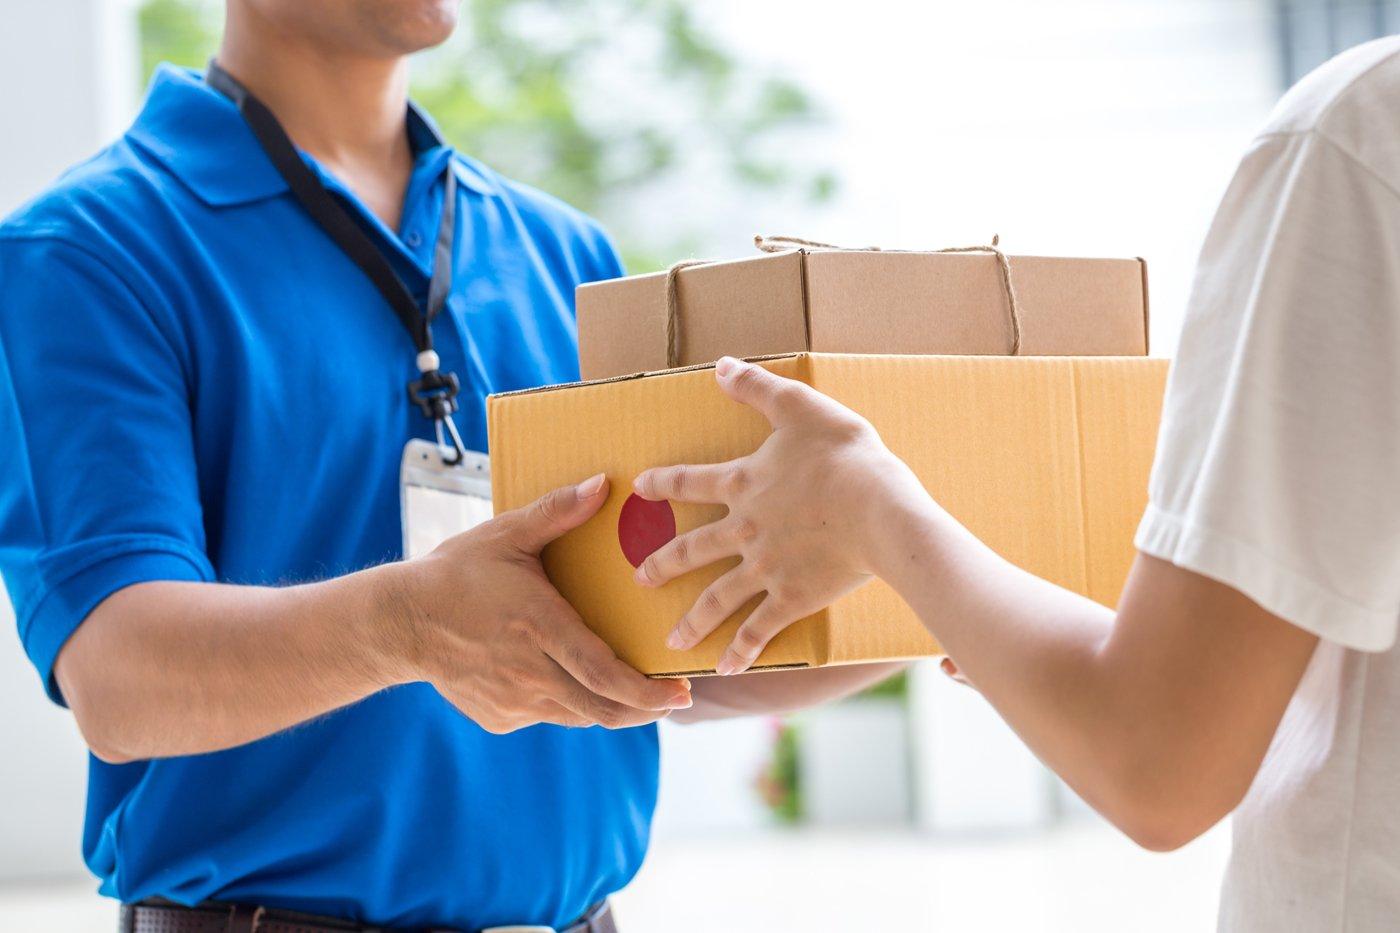 facchino che consegna due pacchi a una persona